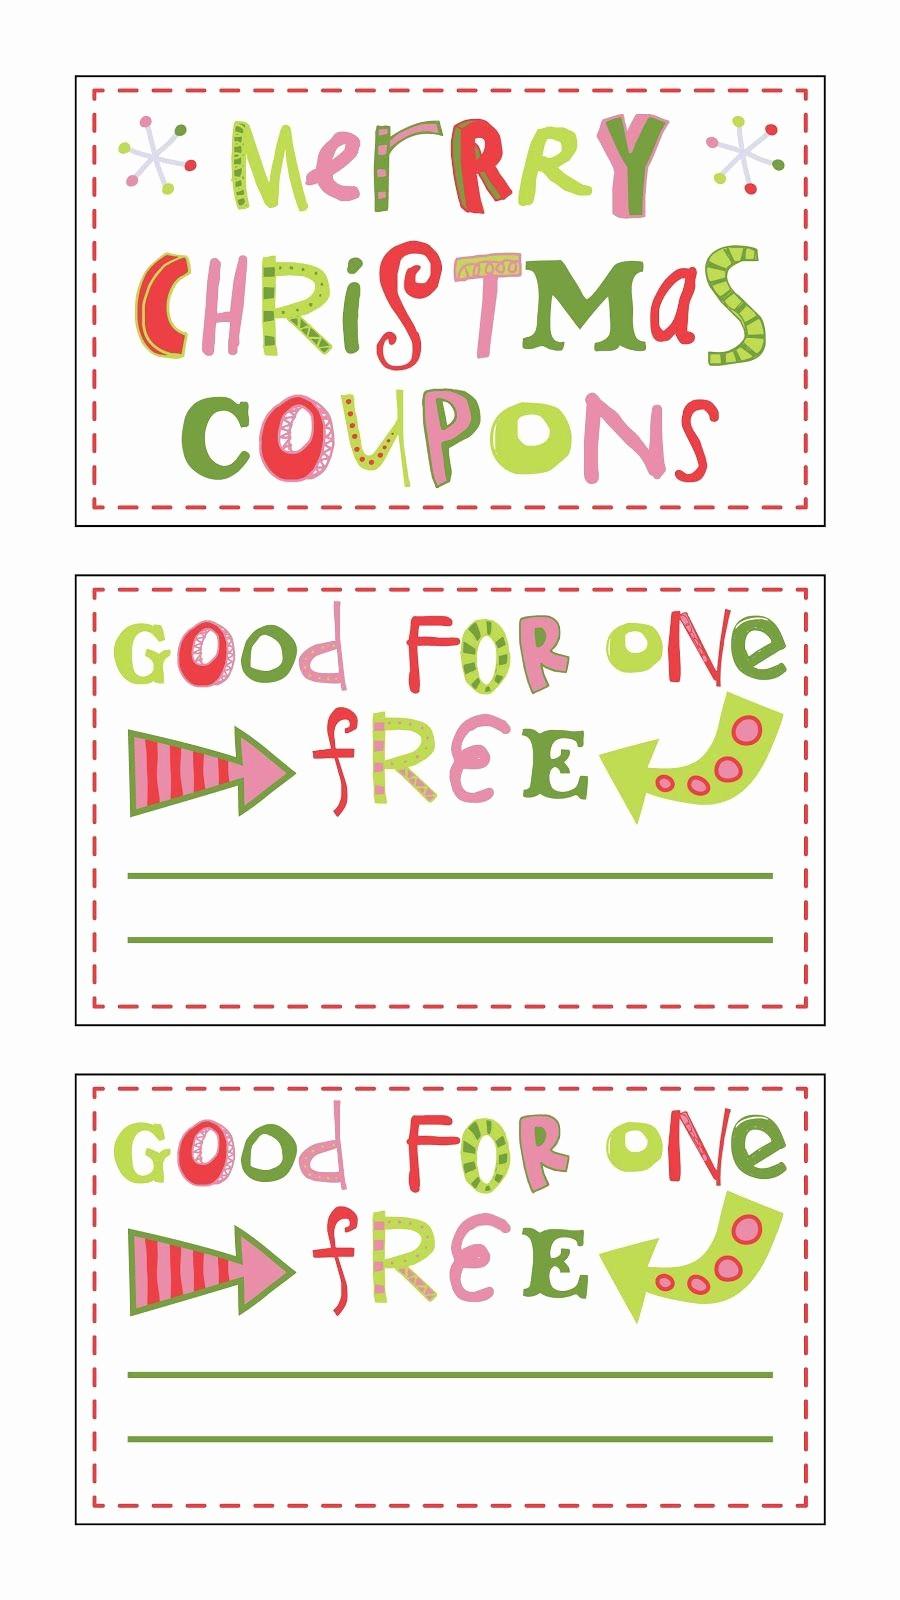 Printable Gift Coupon Templates Free Beautiful Free Printable Christmas Coupons Fontaholic